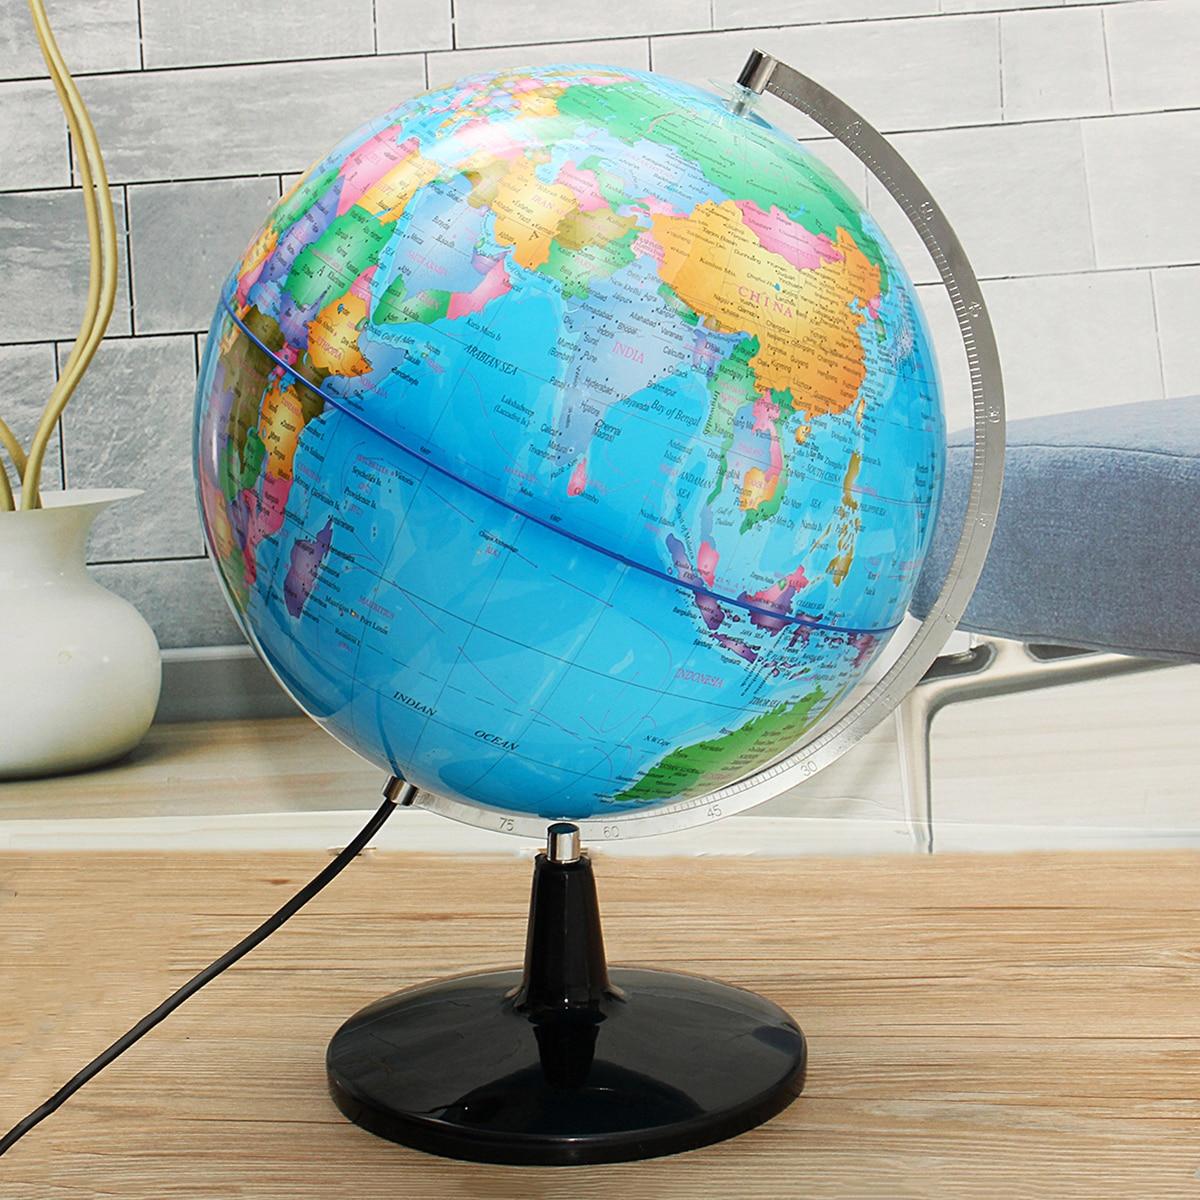 32 см земной шар освещение карты земной шар Дети география образовательный Глобус домашний офис помощь миниатюры